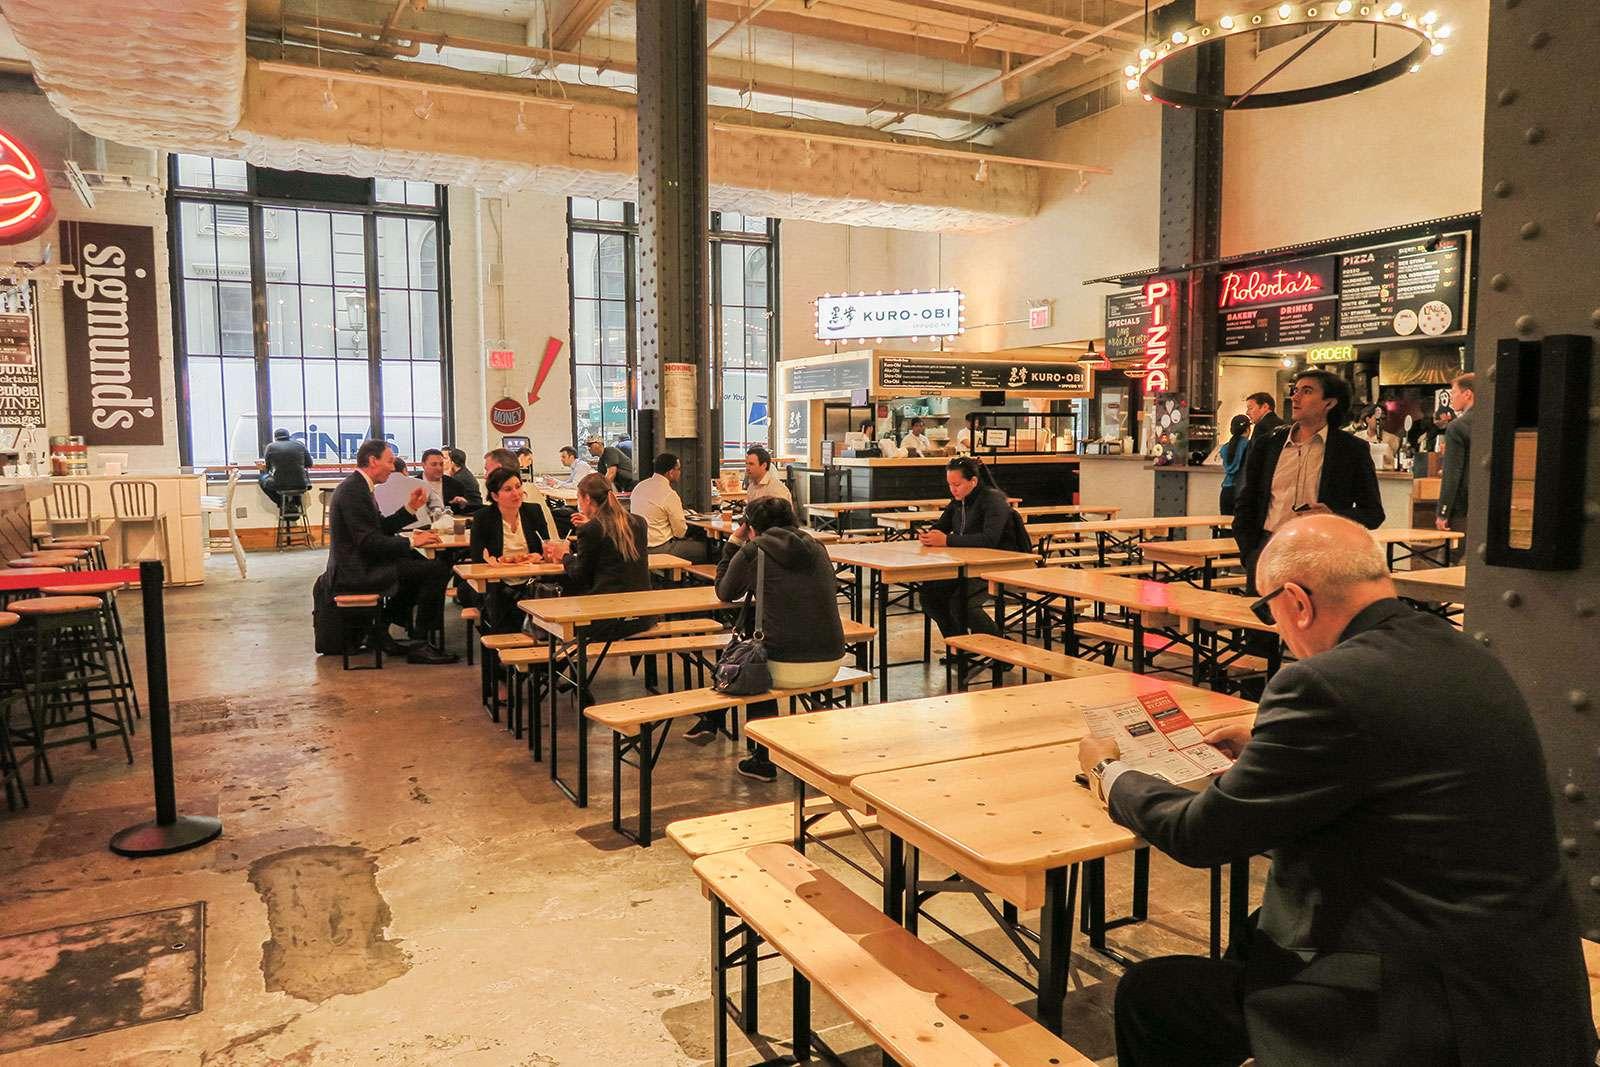 Urbanspace Foodmarket in Midtown